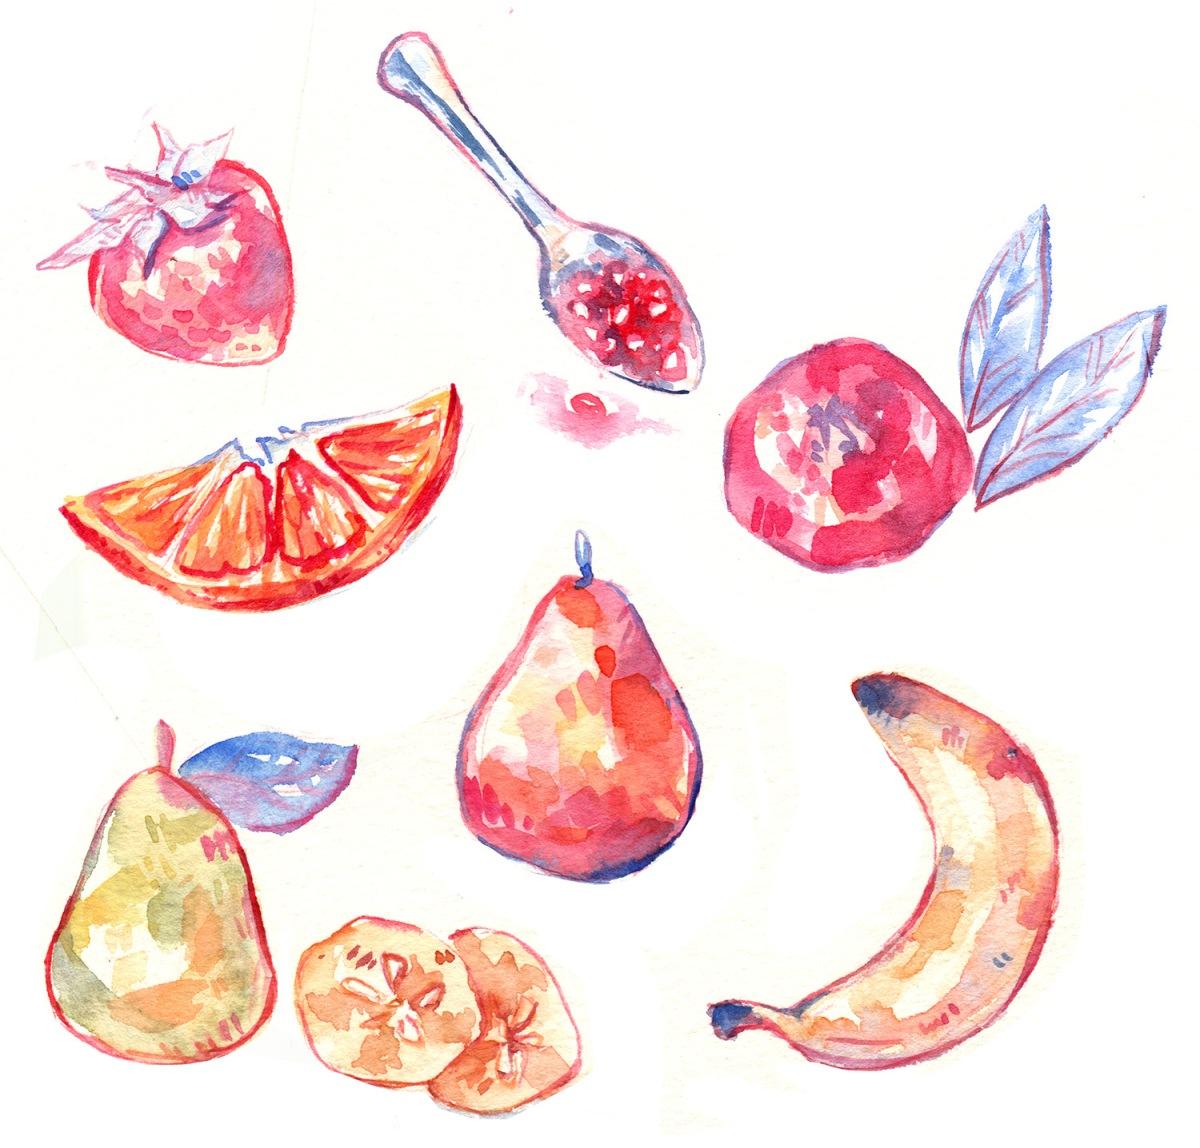 cute colorful pastel fruit illustration arrangement